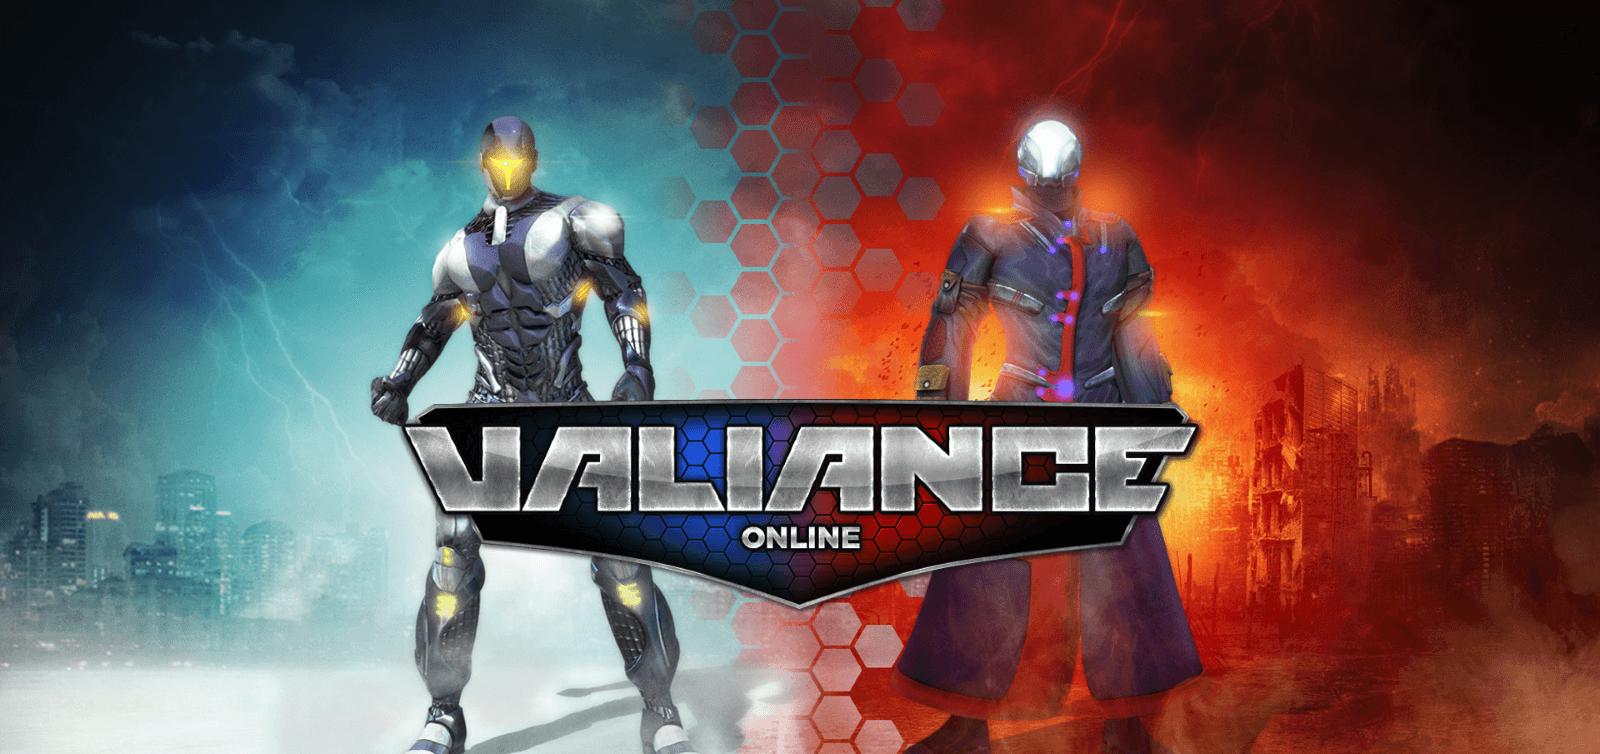 Valiance Online Begins Crowdfunding Campaign header